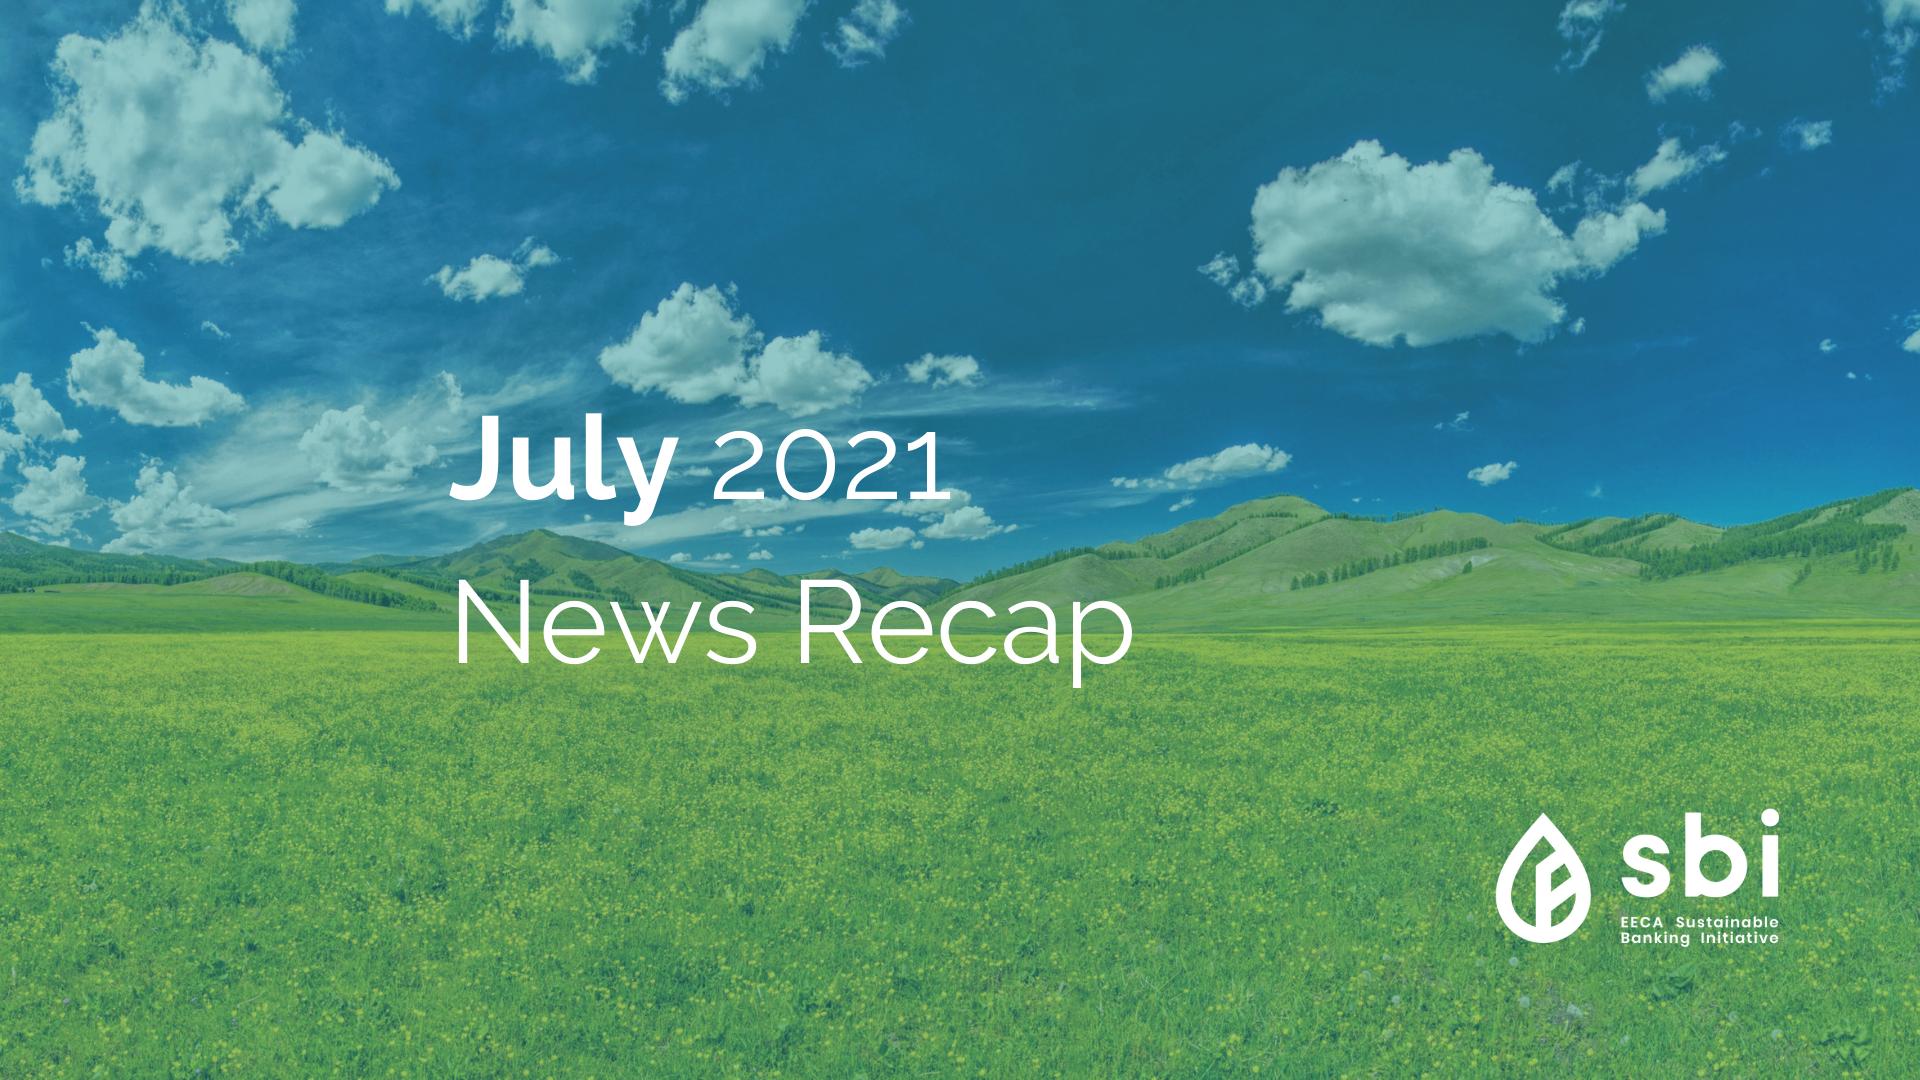 July 2021 News Recap